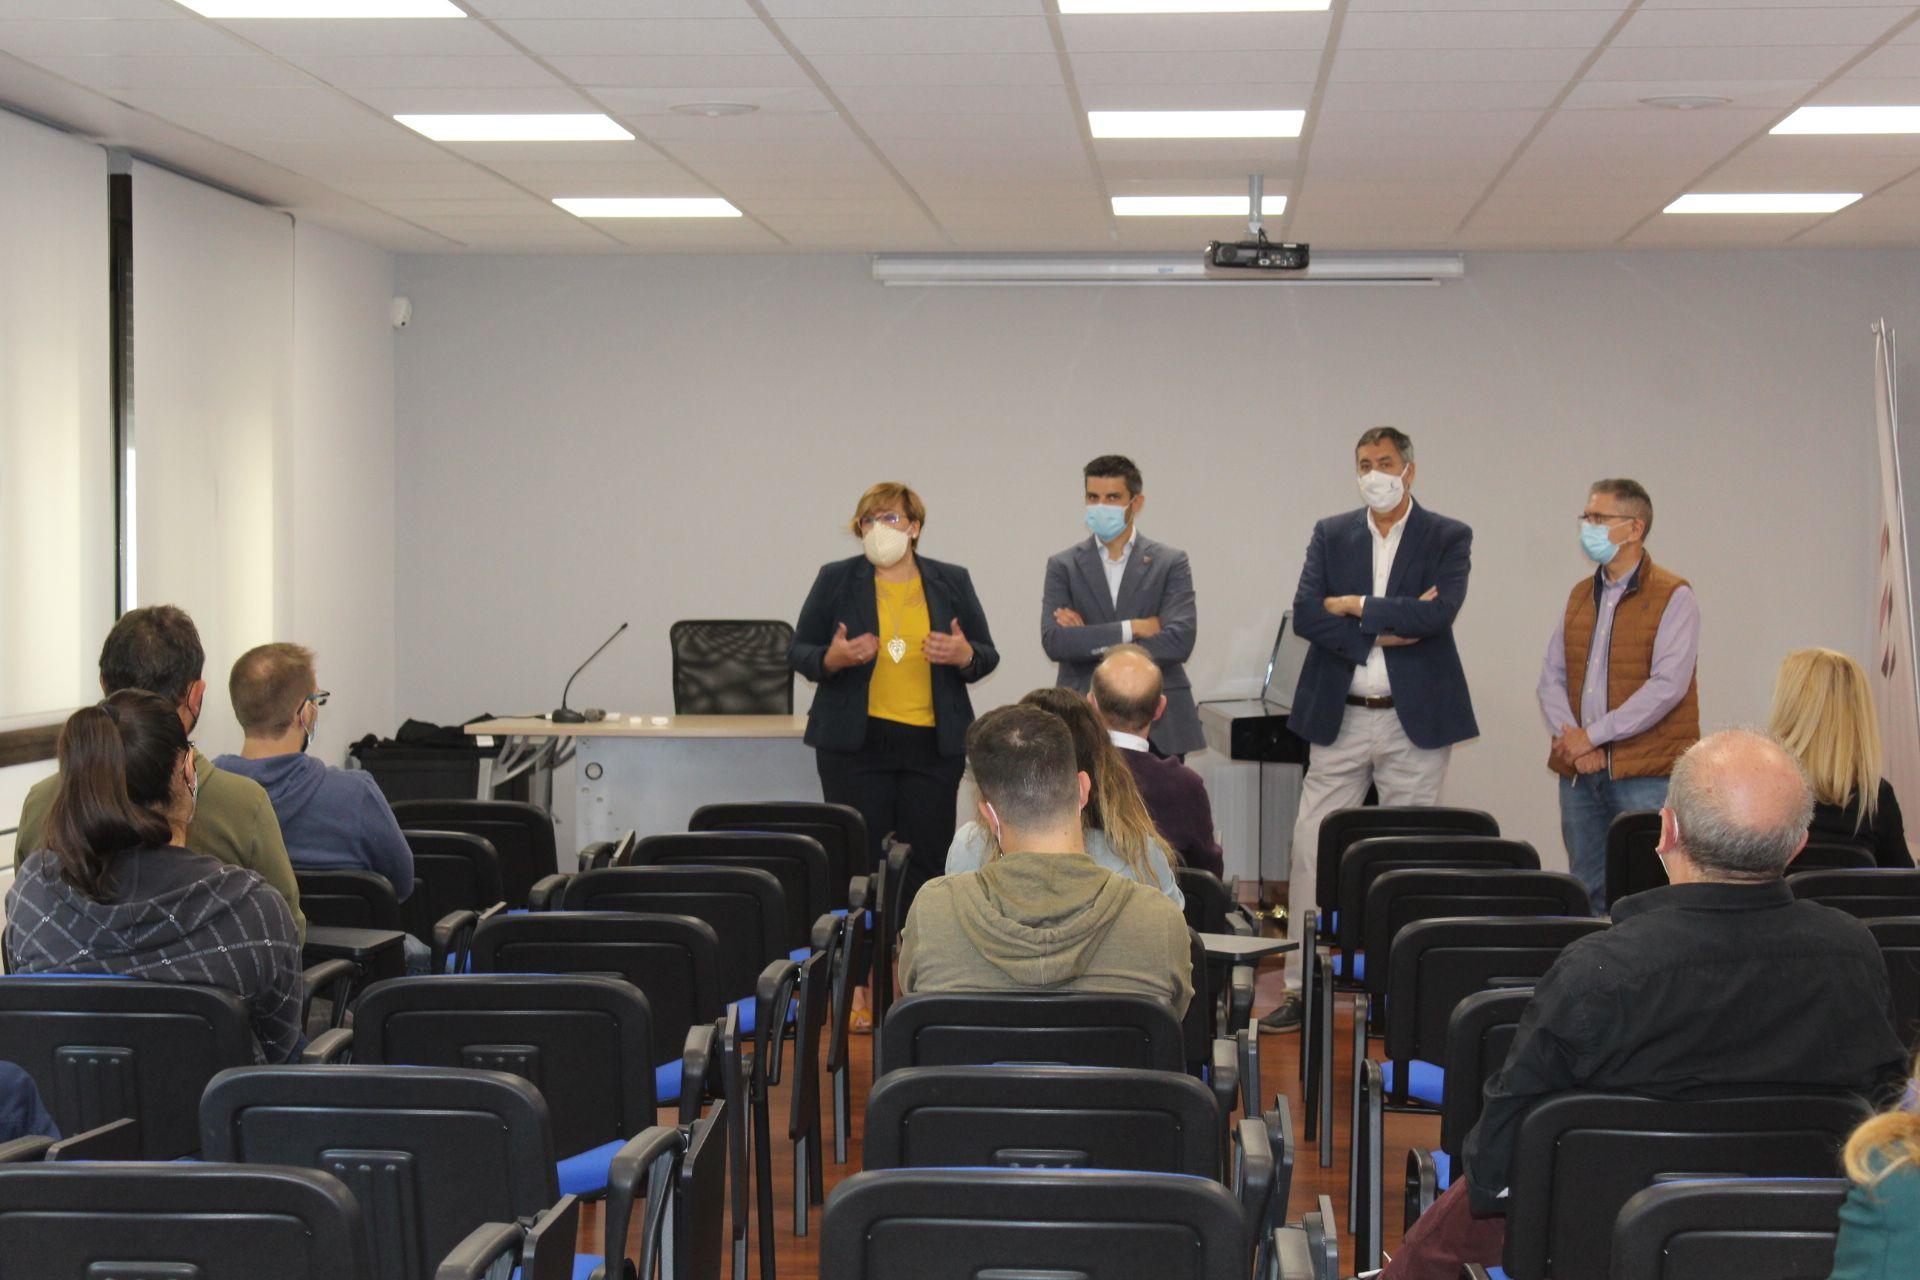 El Gobierno de Castilla-La Mancha reactiva los 29 talleres de empleo aprobados en la provincia de Ciudad Real que paralizó el confinamiento